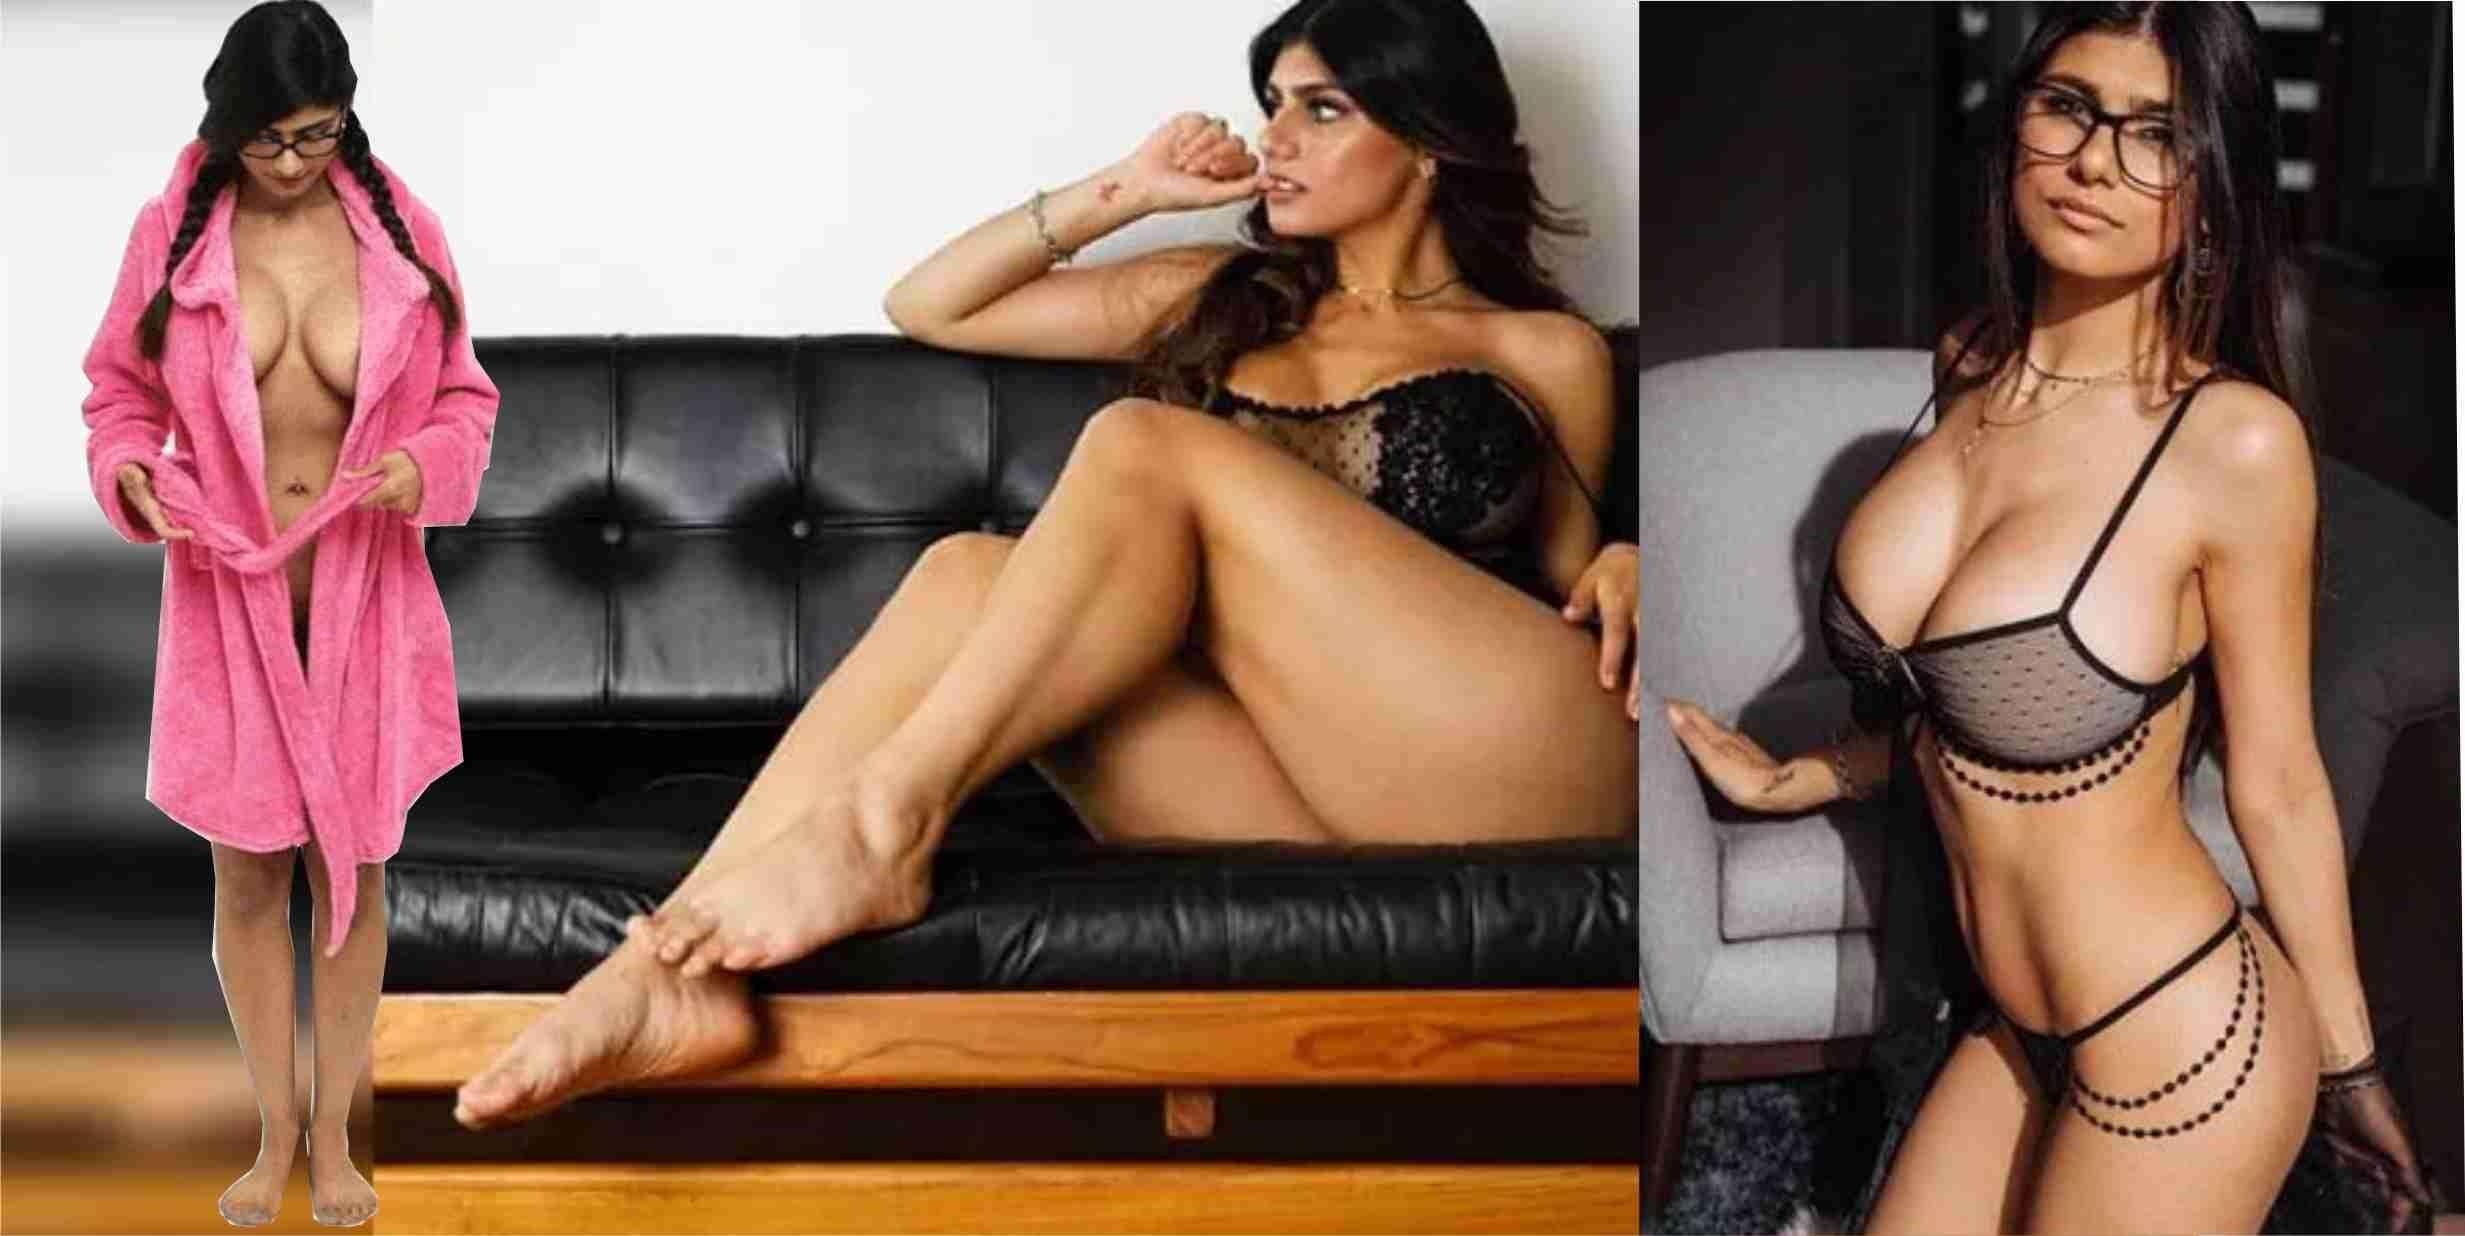 Mia Khalifa Sexy Video:मिया खलीफा का अबतक का सबसे Hot Videos, सेक्सी और बोल्ड अवतार देख यकीनन आपके छूट जाएंगे पसीने !